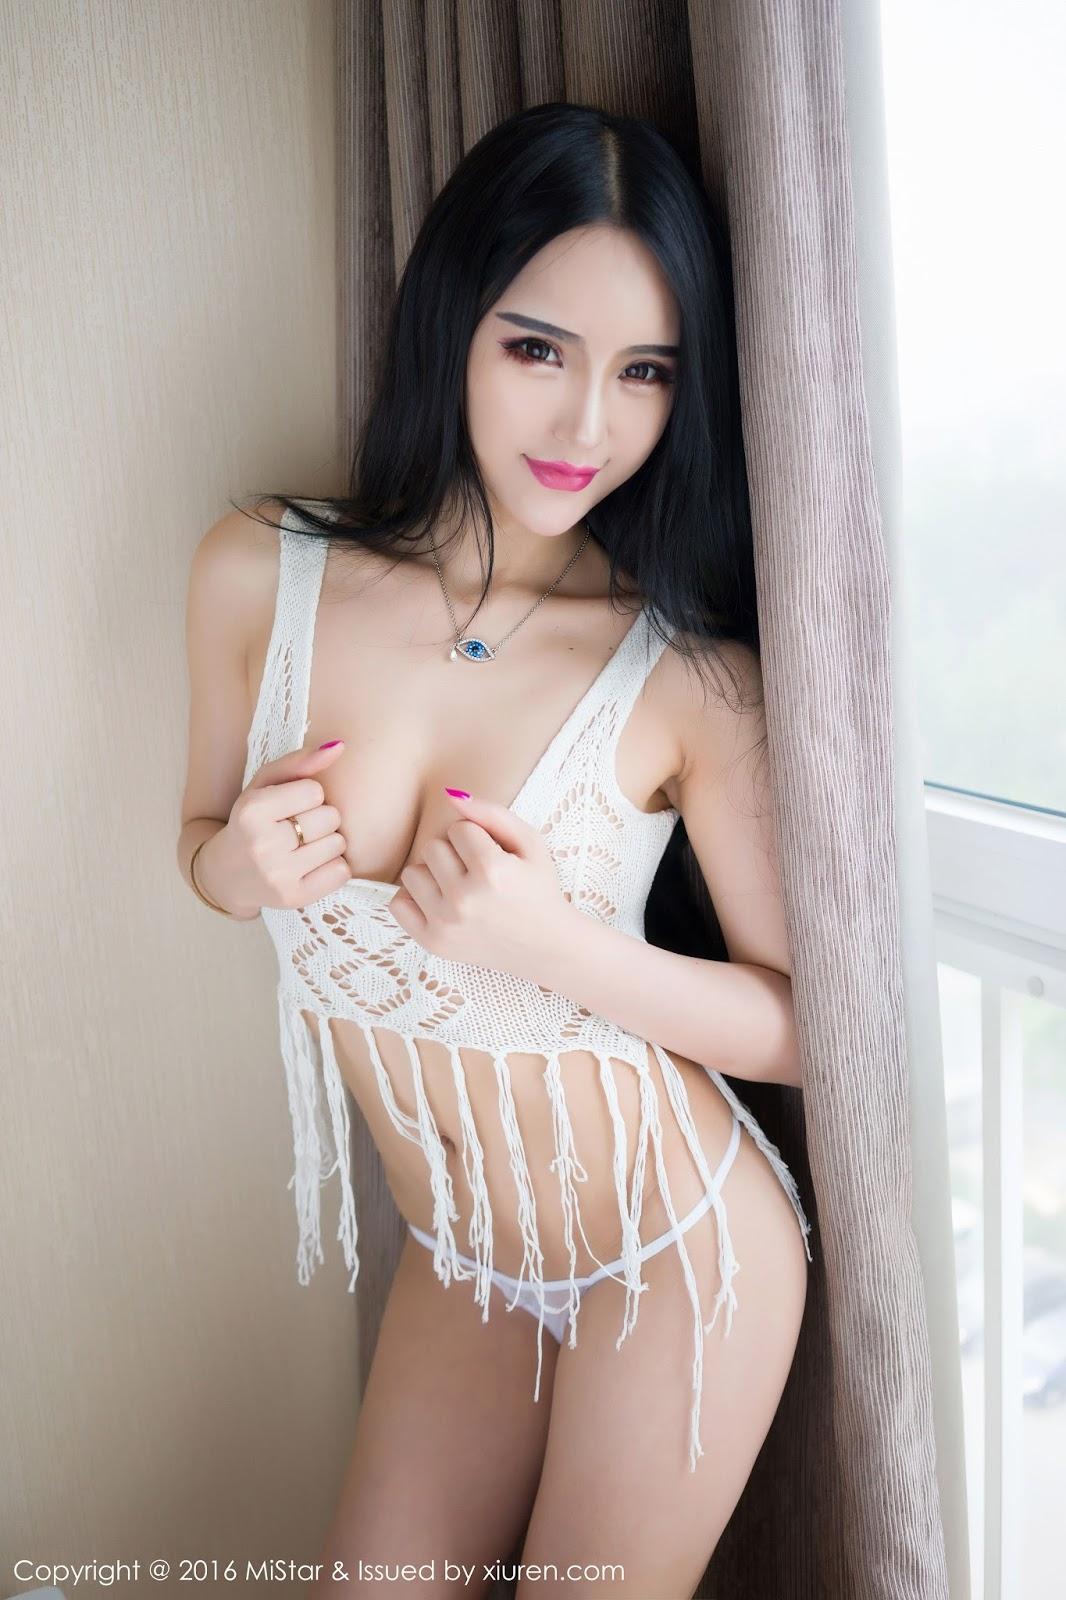 Guangzhou escorts